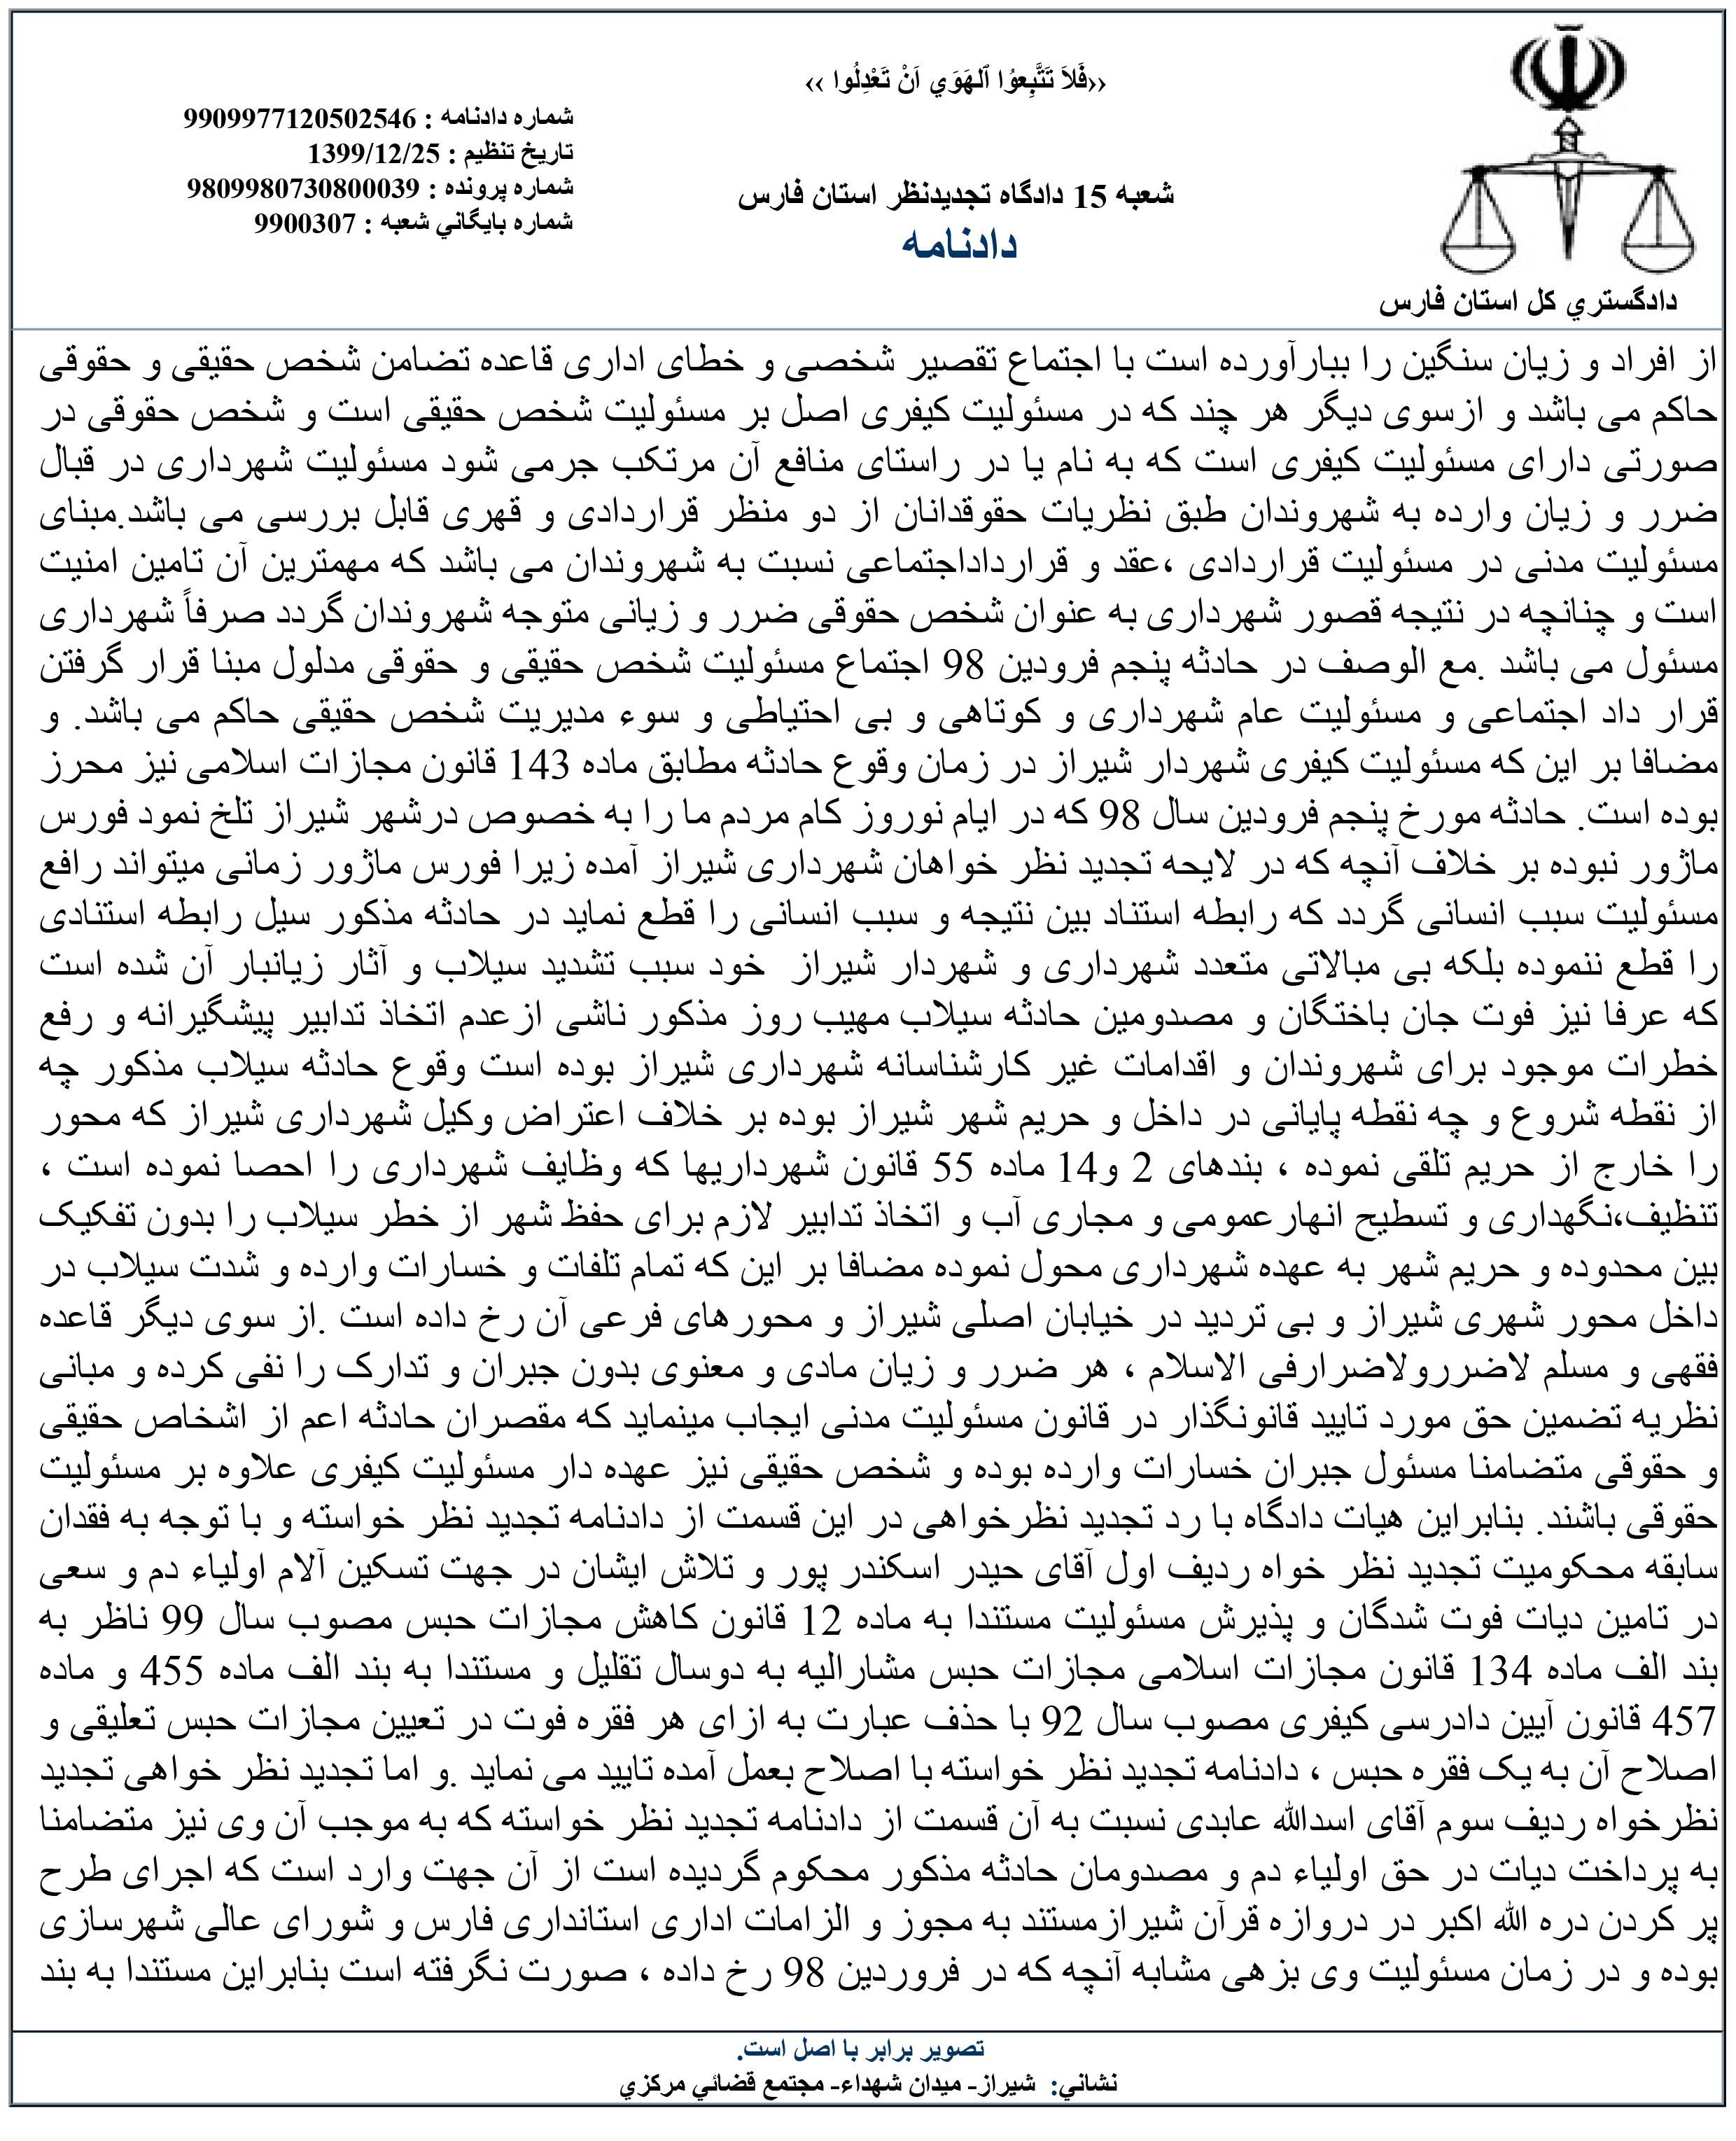 قربانیان سیل شیراز